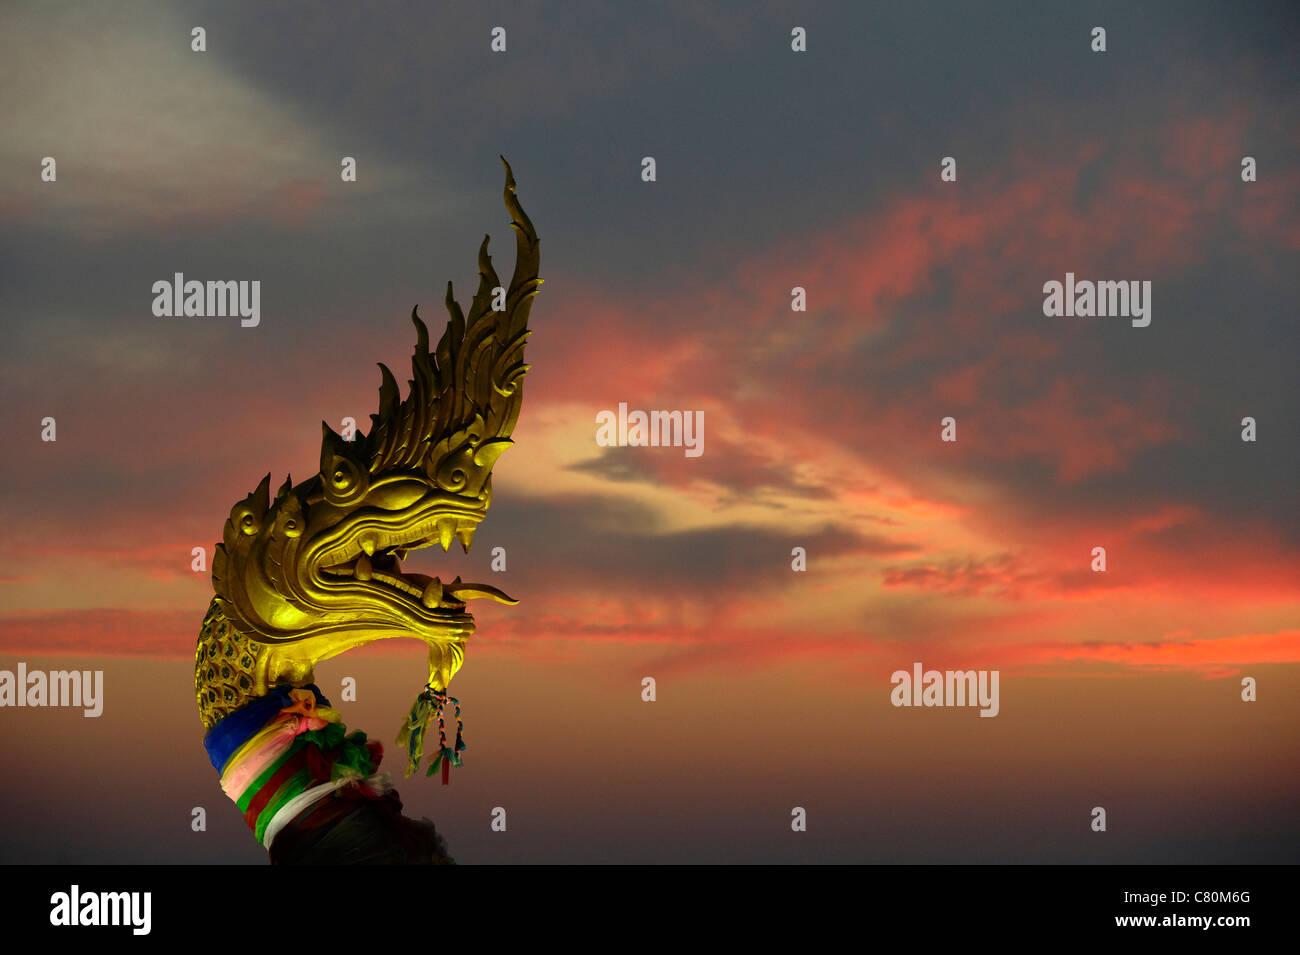 Thailand, Phuket island, Karon beach, Buddhist Shrine at Sunset - Stock Image